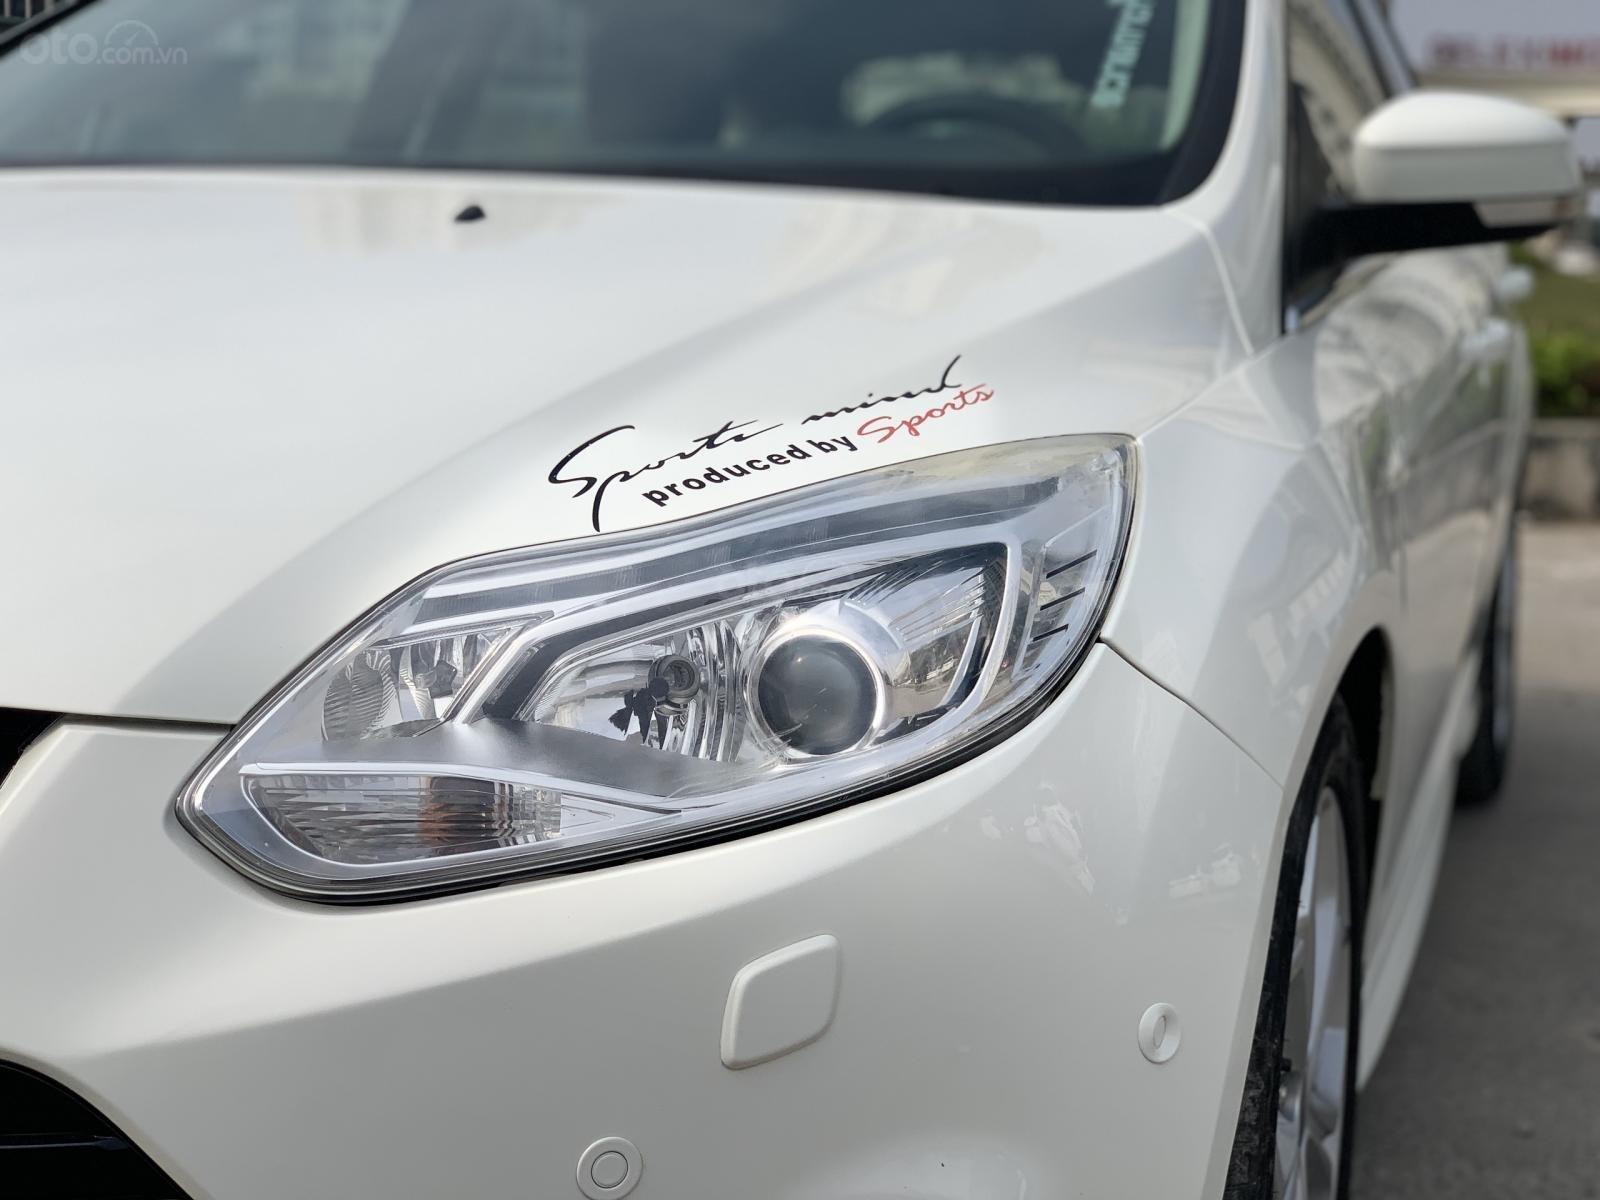 Ford Focus 2.0S 2014 đẹp như mới, 1 chủ từ đầu (8)